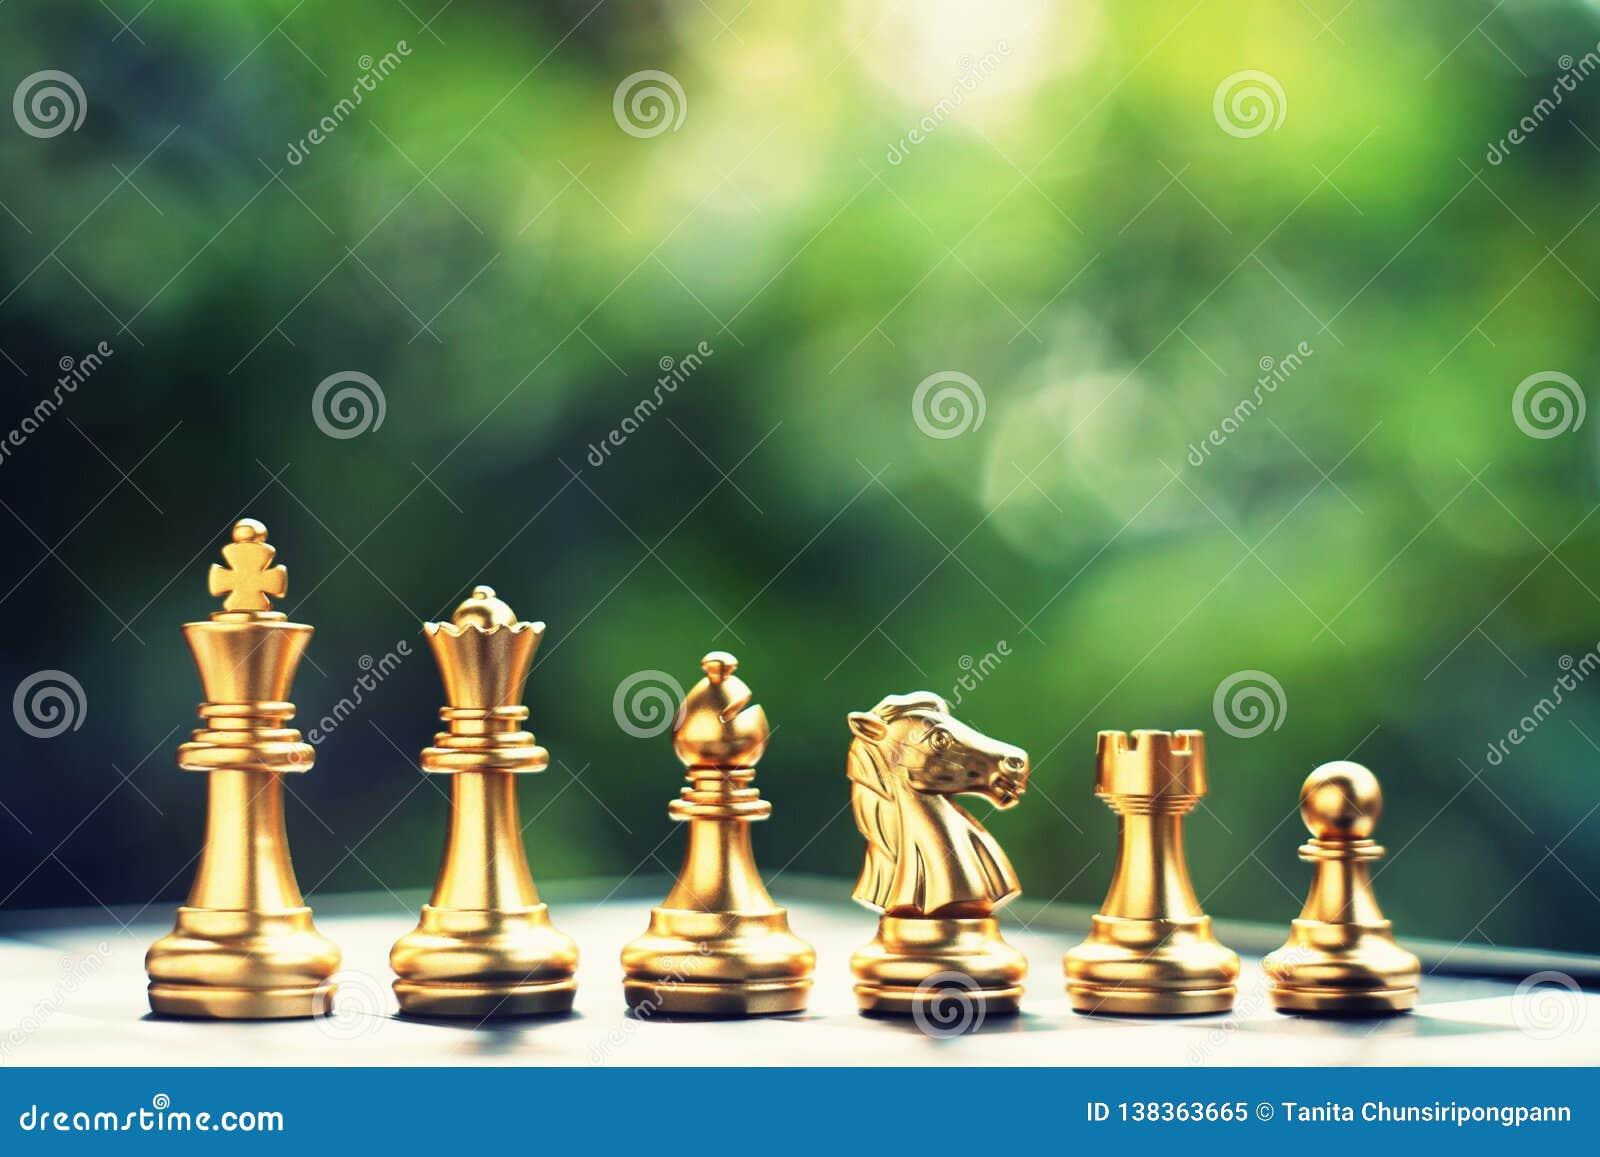 Schach-Brettspiel Ordnende Position des Teams Geschäft wettbewerbsfähig und Strategieplanungskonzept